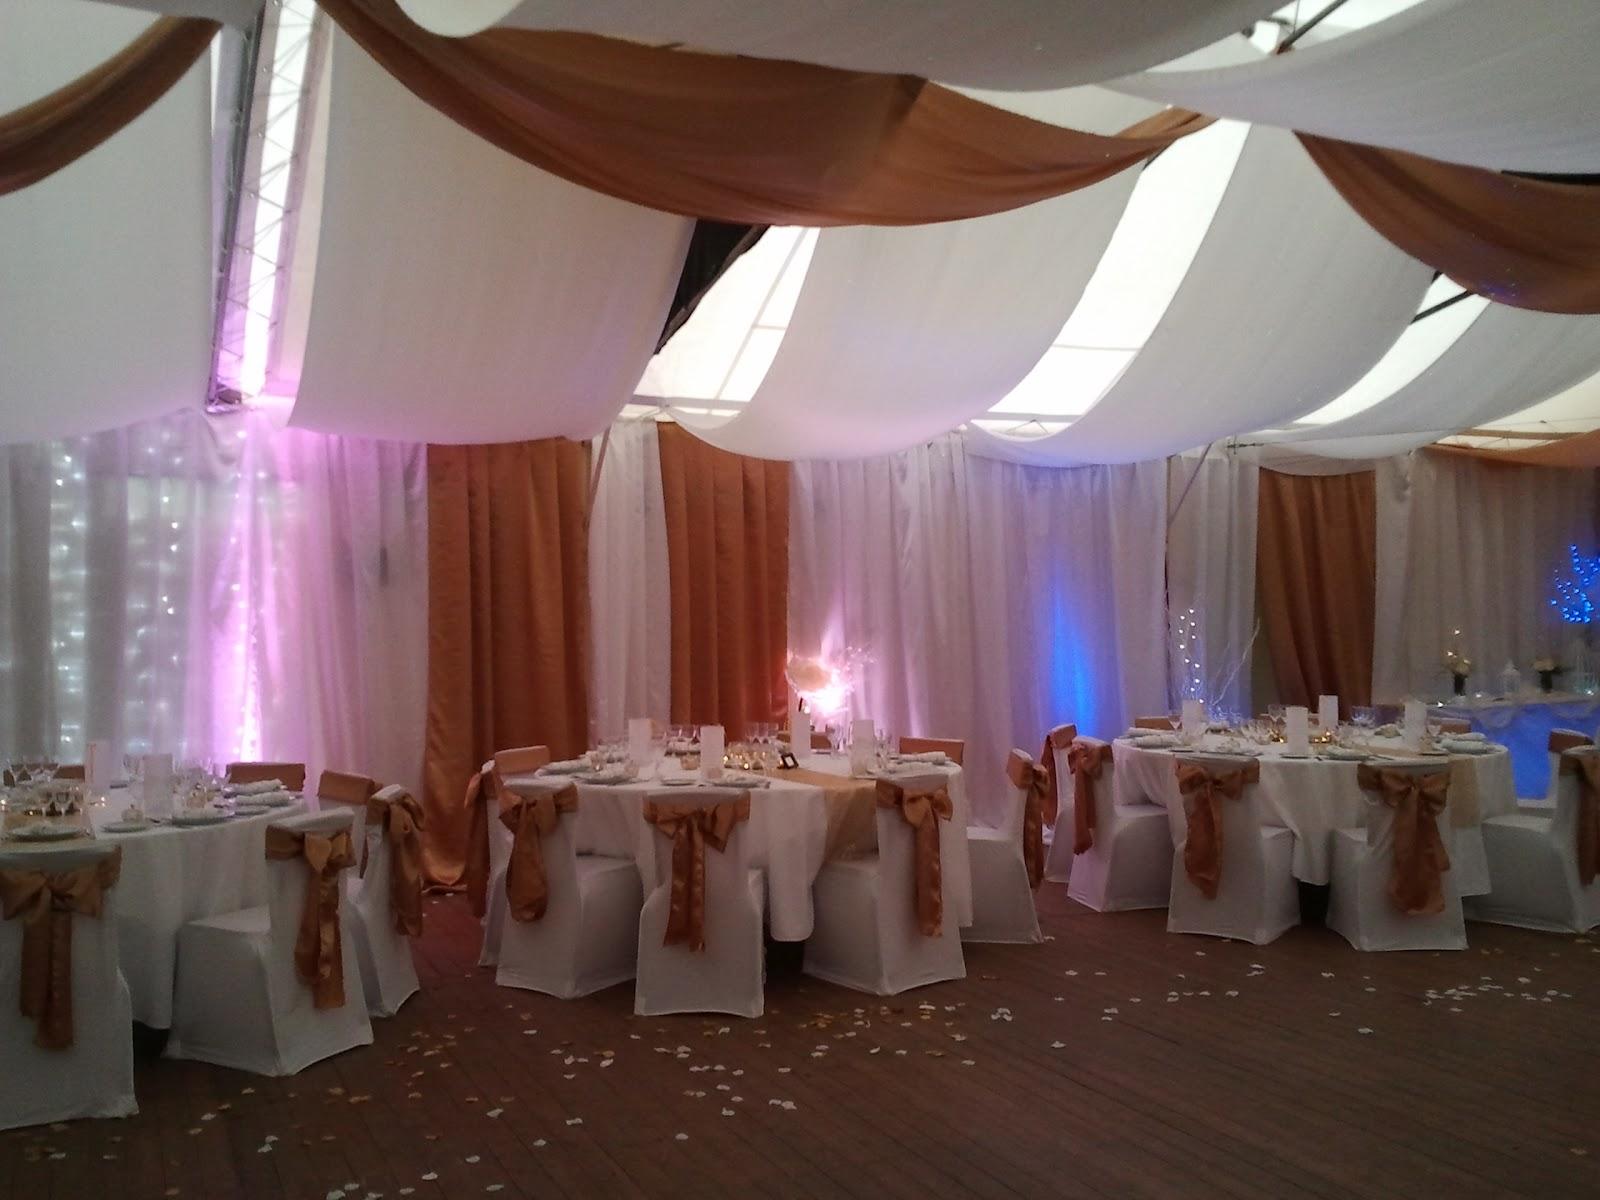 decoration pour salle mariage fete reception decoration salle f te decoration salle mariage. Black Bedroom Furniture Sets. Home Design Ideas